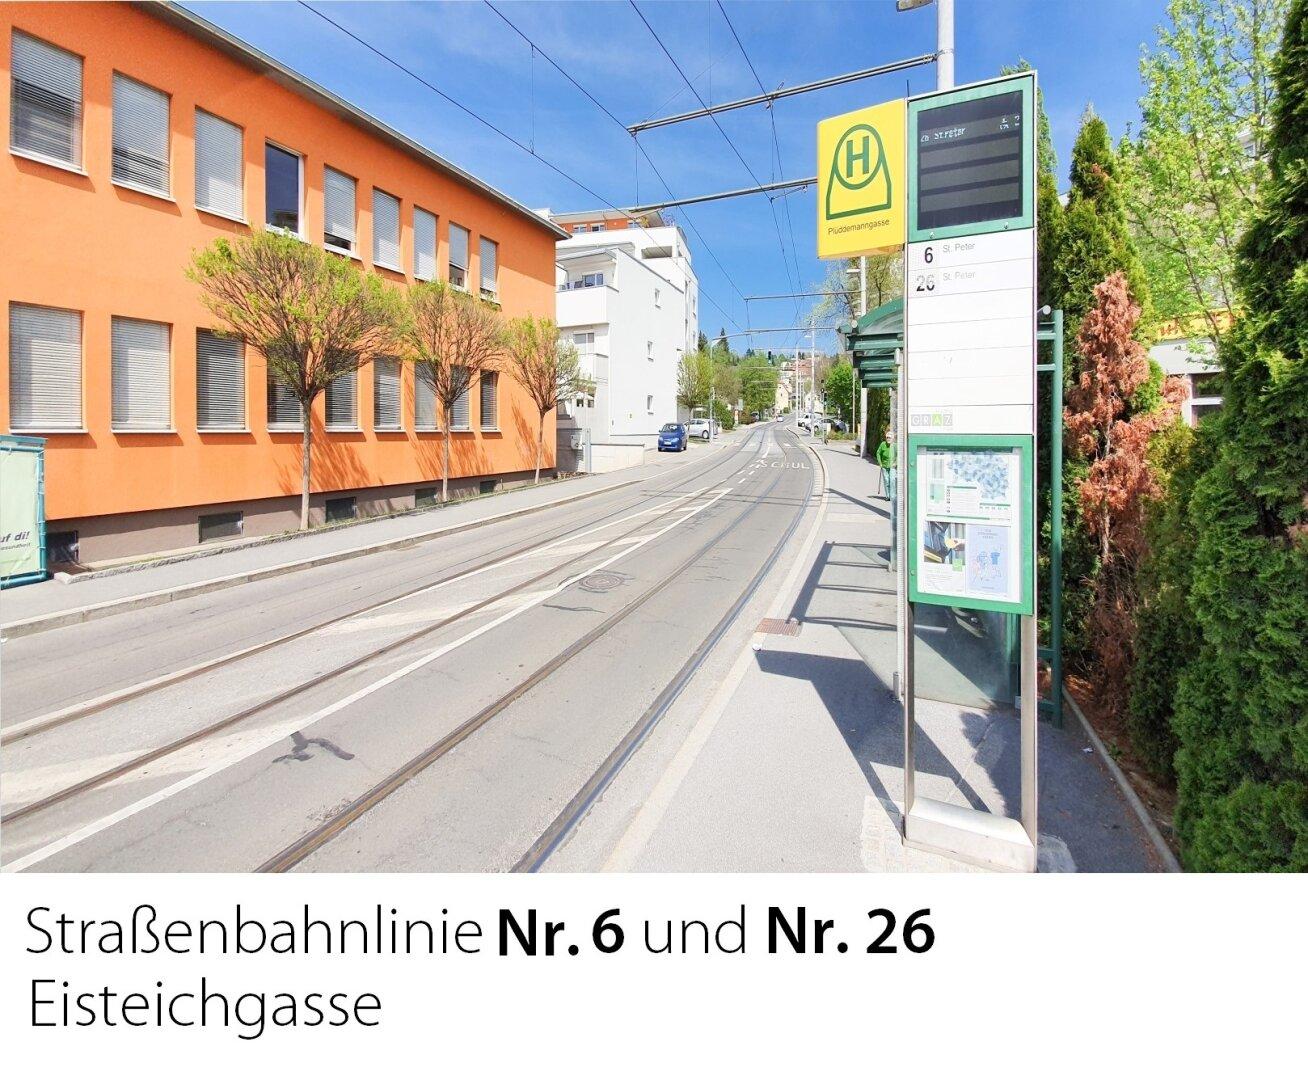 Straßenbahnlinie 6 und 26 Eisteichgasse